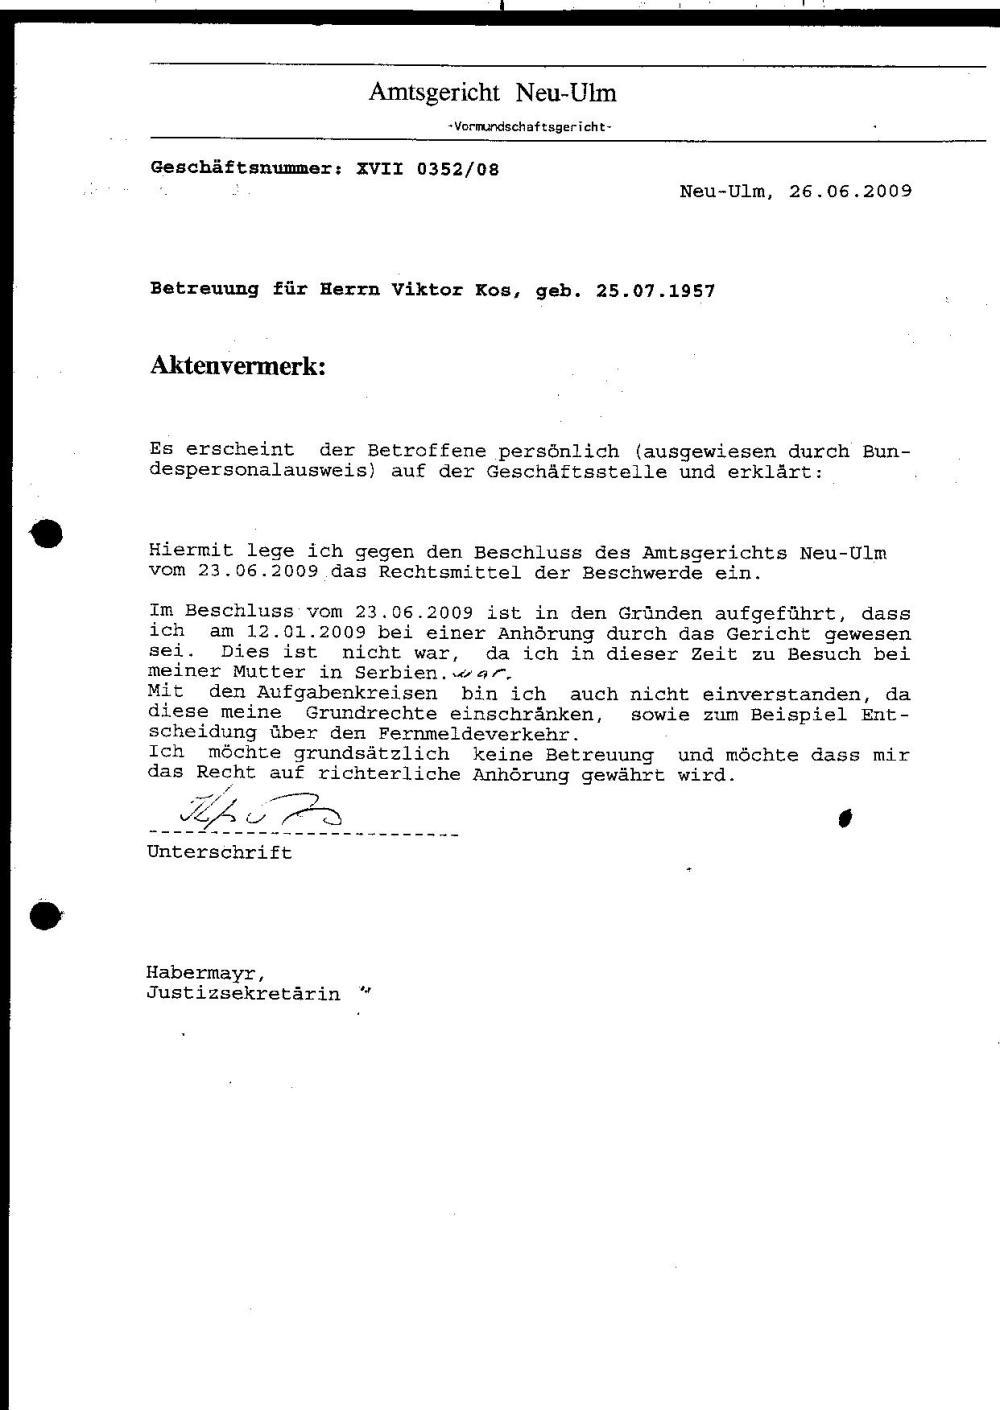 23.06.2009 Gerichtsbeschluß - Widerspruch